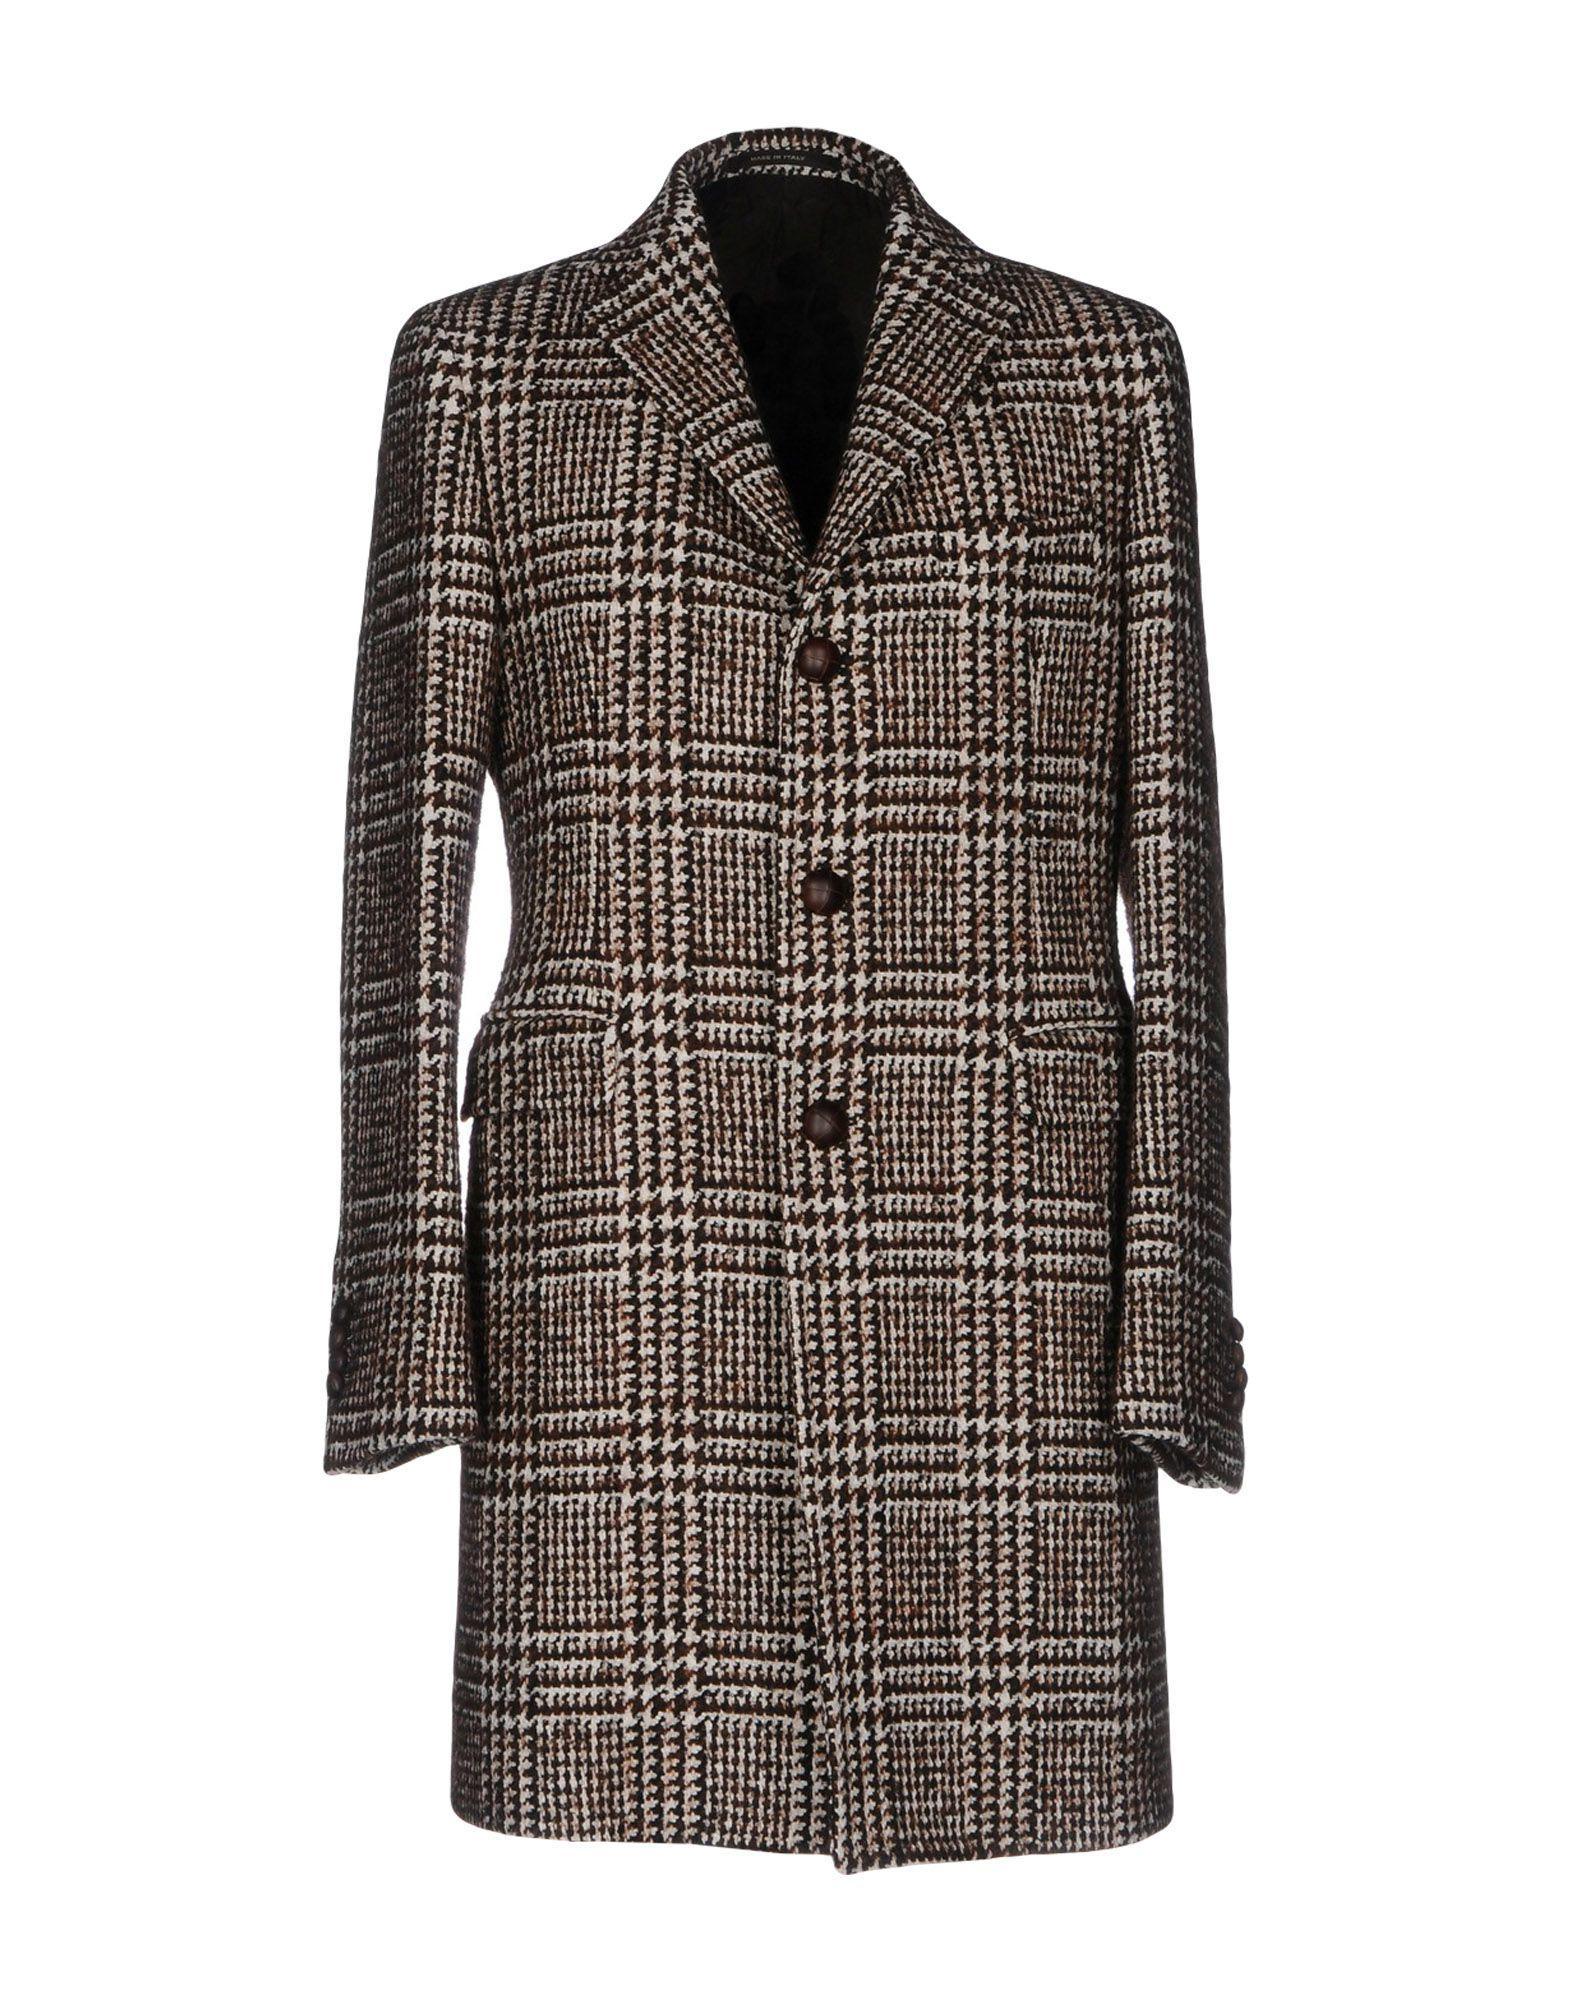 Tagliatore Coat In Brown